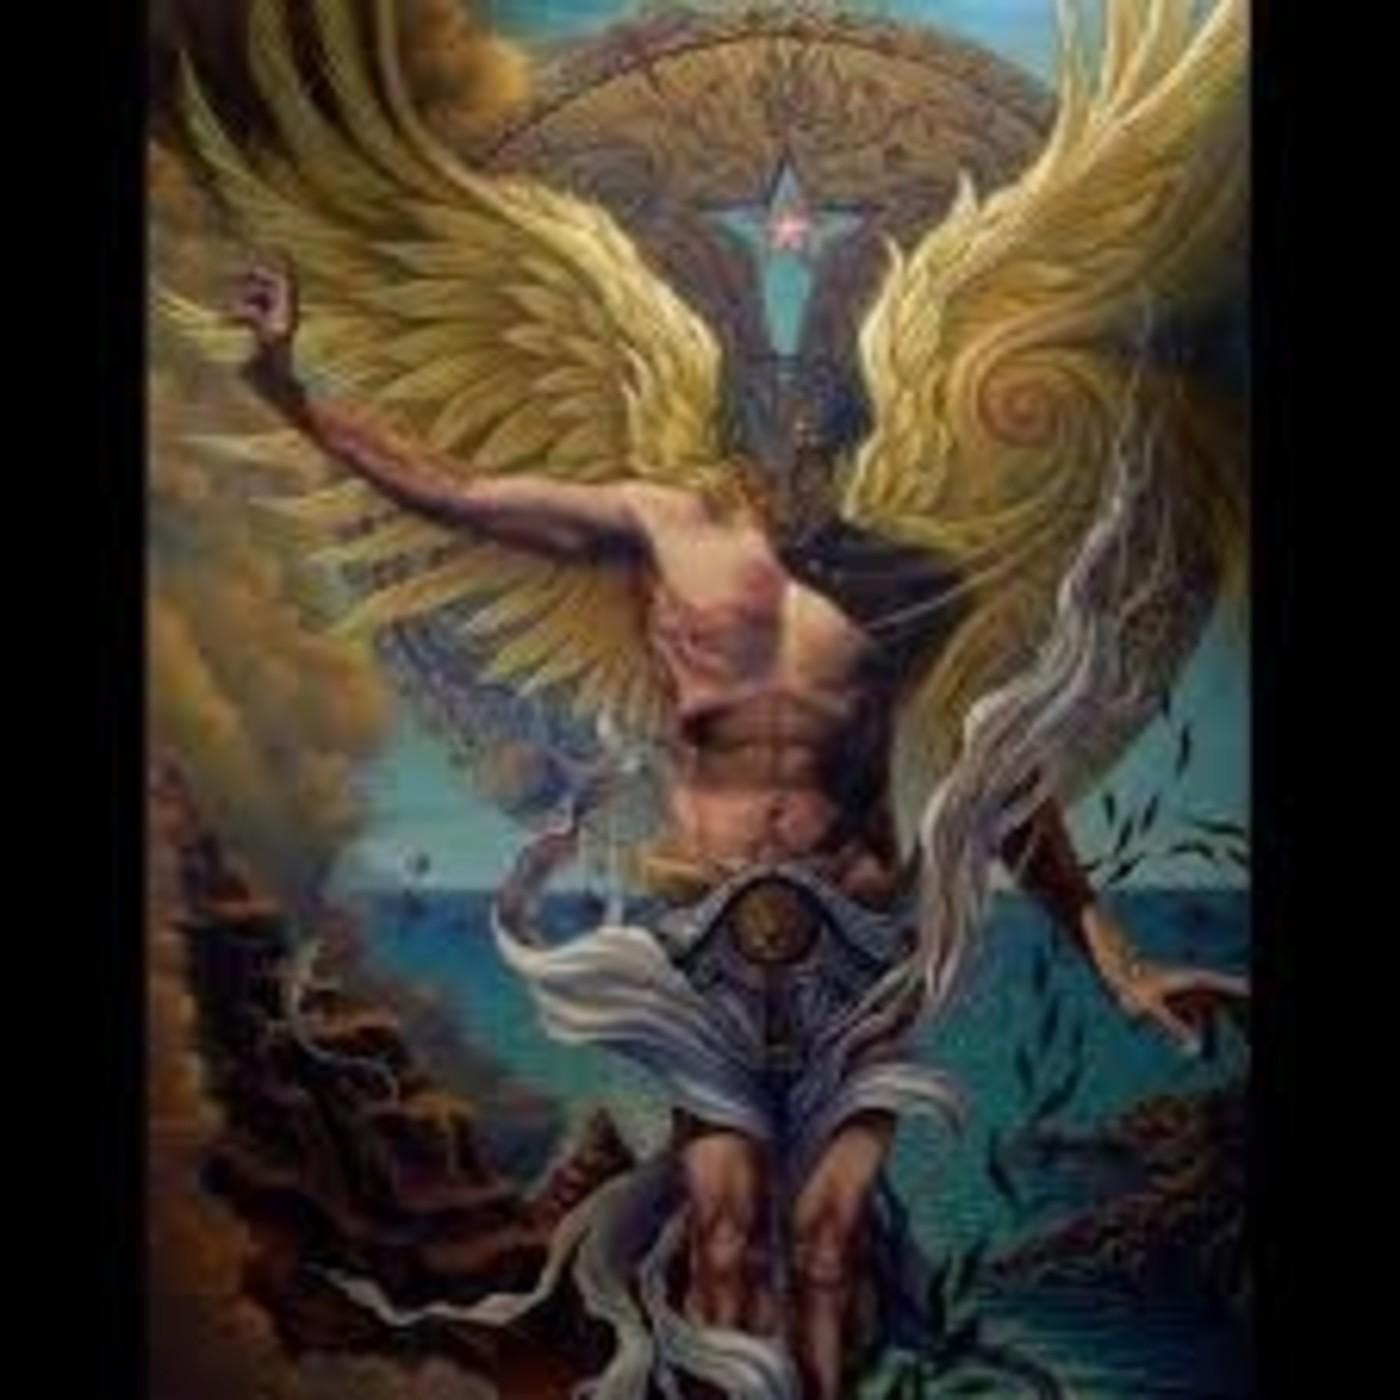 La historia de Hermes Trismegisto el 3 veces grande un iniciado.